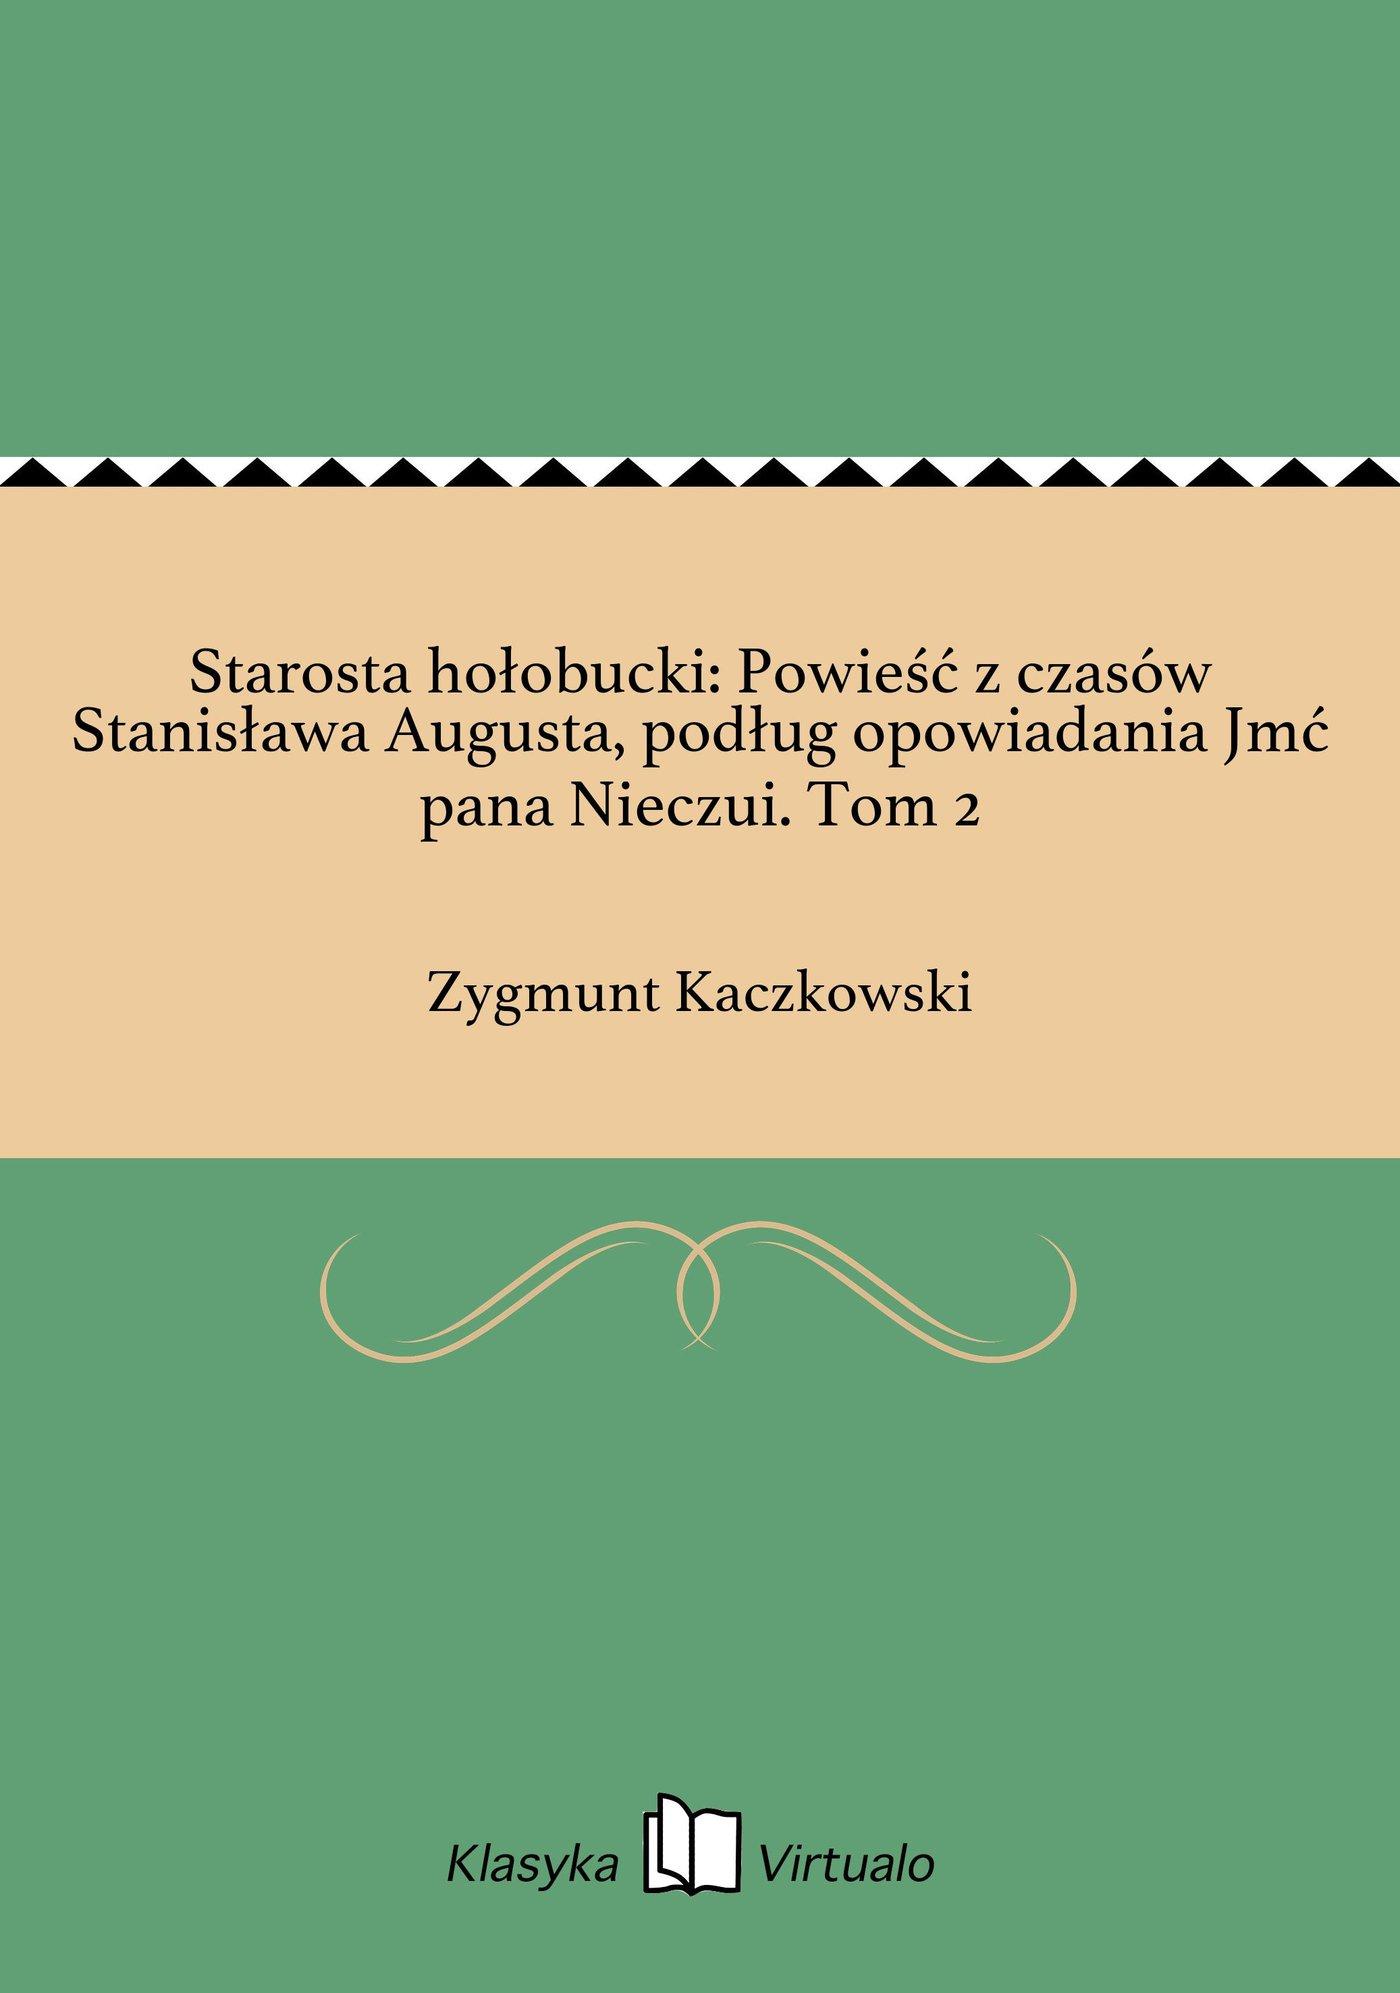 Starosta hołobucki: Powieść z czasów Stanisława Augusta, podług opowiadania Jmć pana Nieczui. Tom 2 - Ebook (Książka na Kindle) do pobrania w formacie MOBI